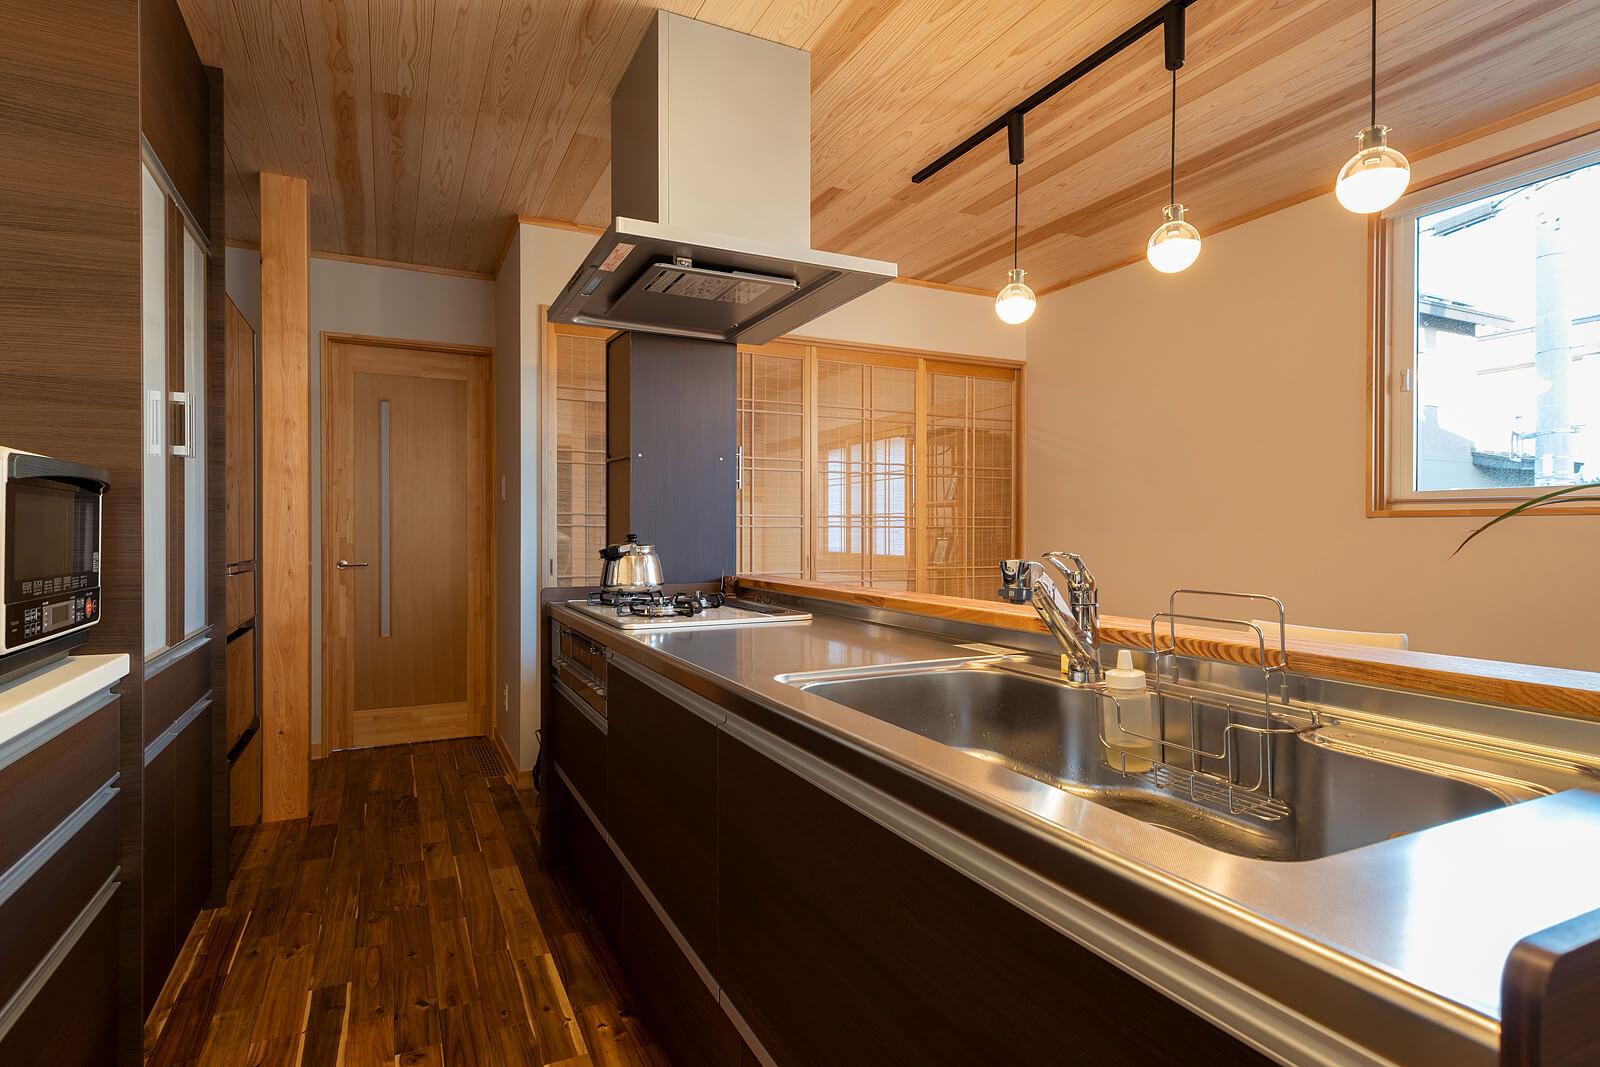 寝室からリビングへ向かう生活動線上にカウンタ ー形式のキッチンを配置。料理をしながら会話も楽し める